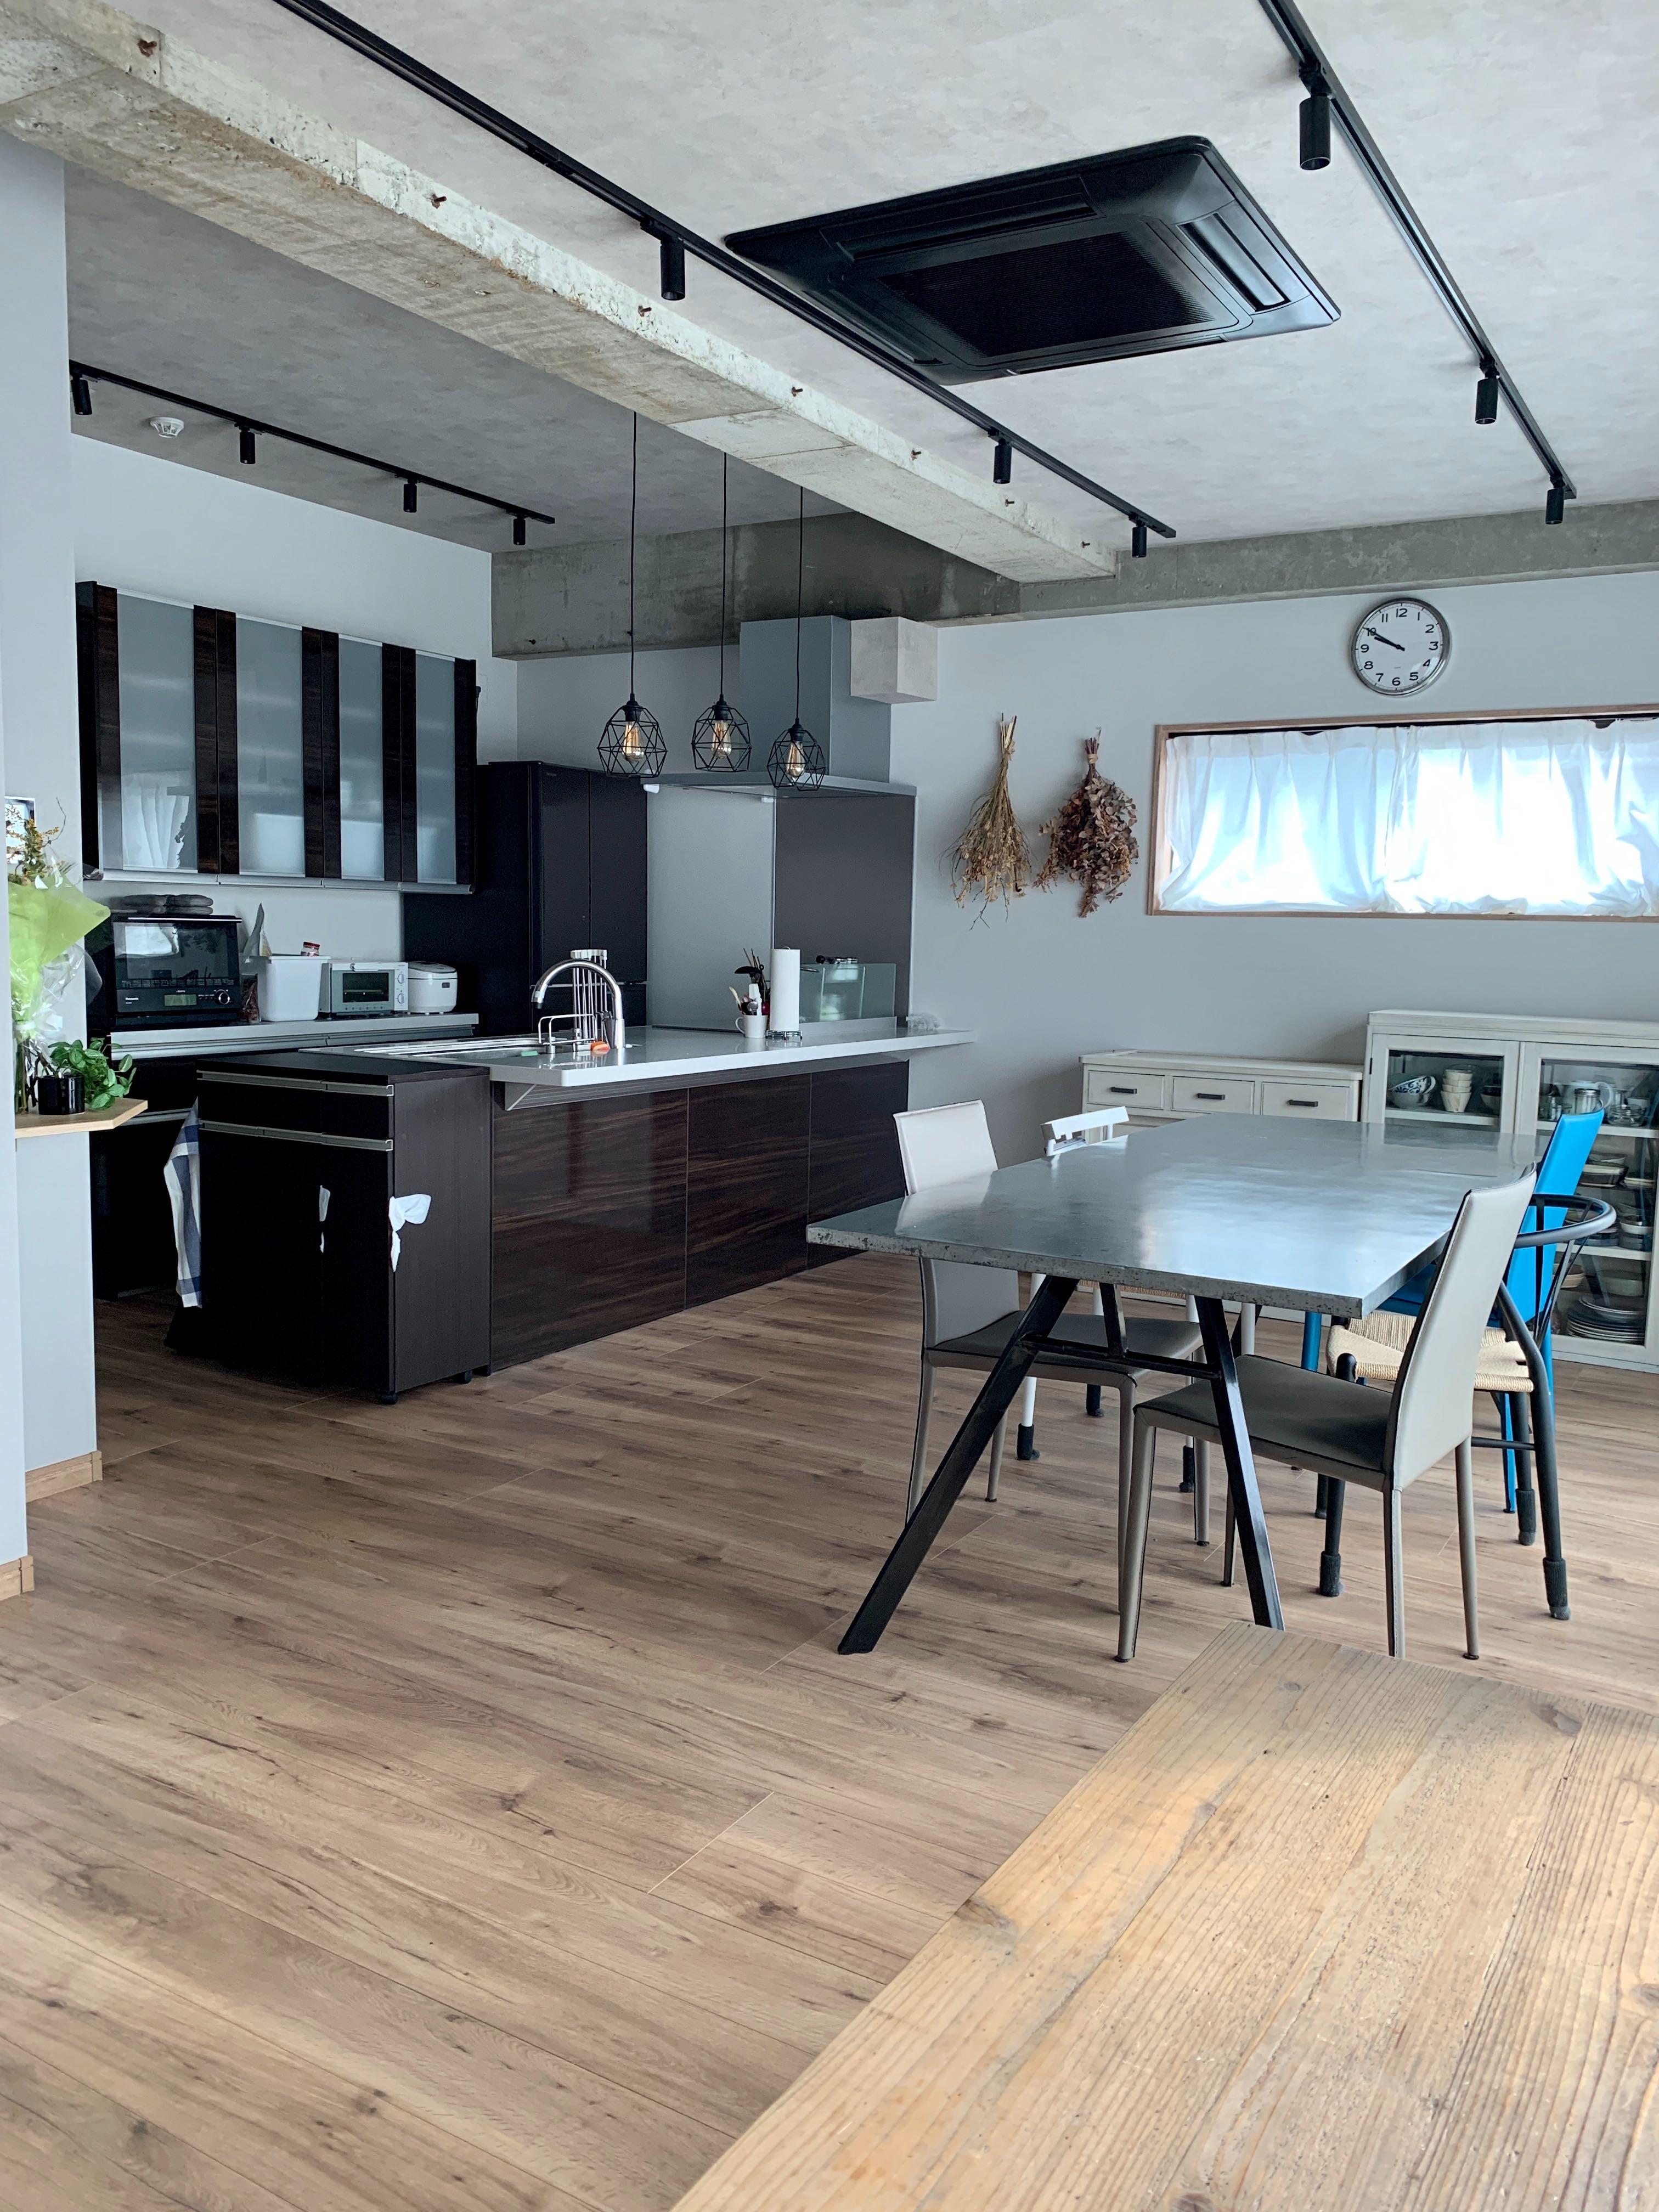 【キッチンスタジオ移転のお知らせ】木場キッチンスタジオに移転しました